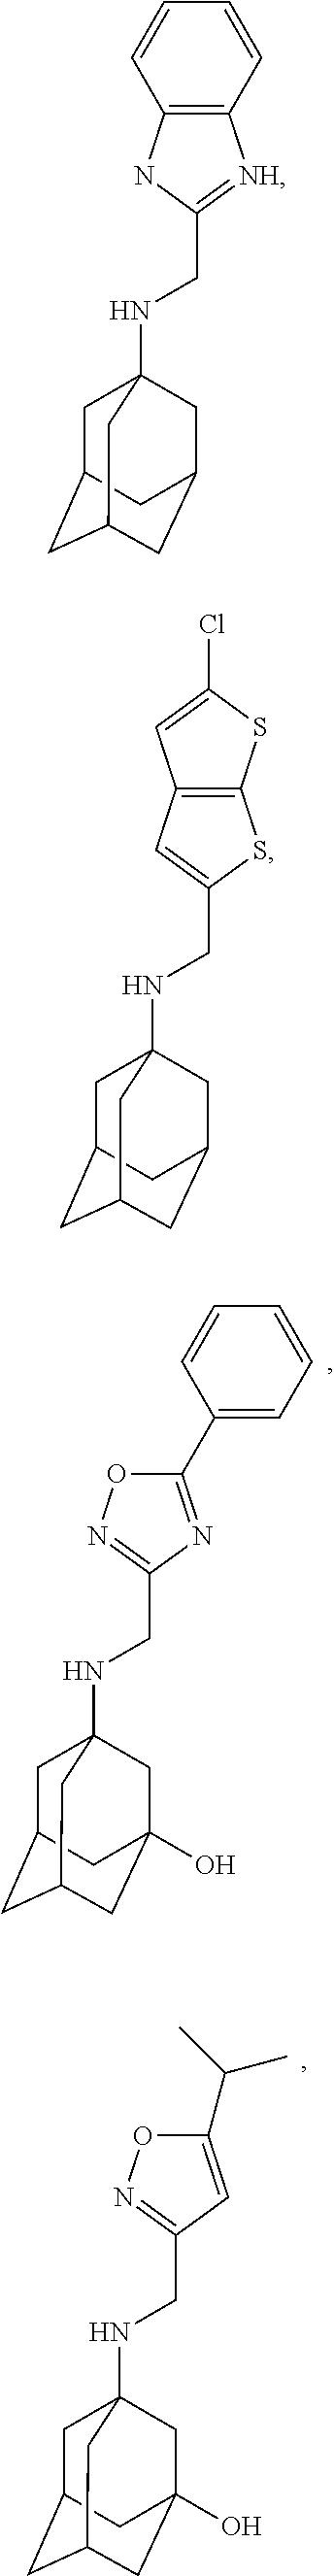 Figure US09884832-20180206-C00203